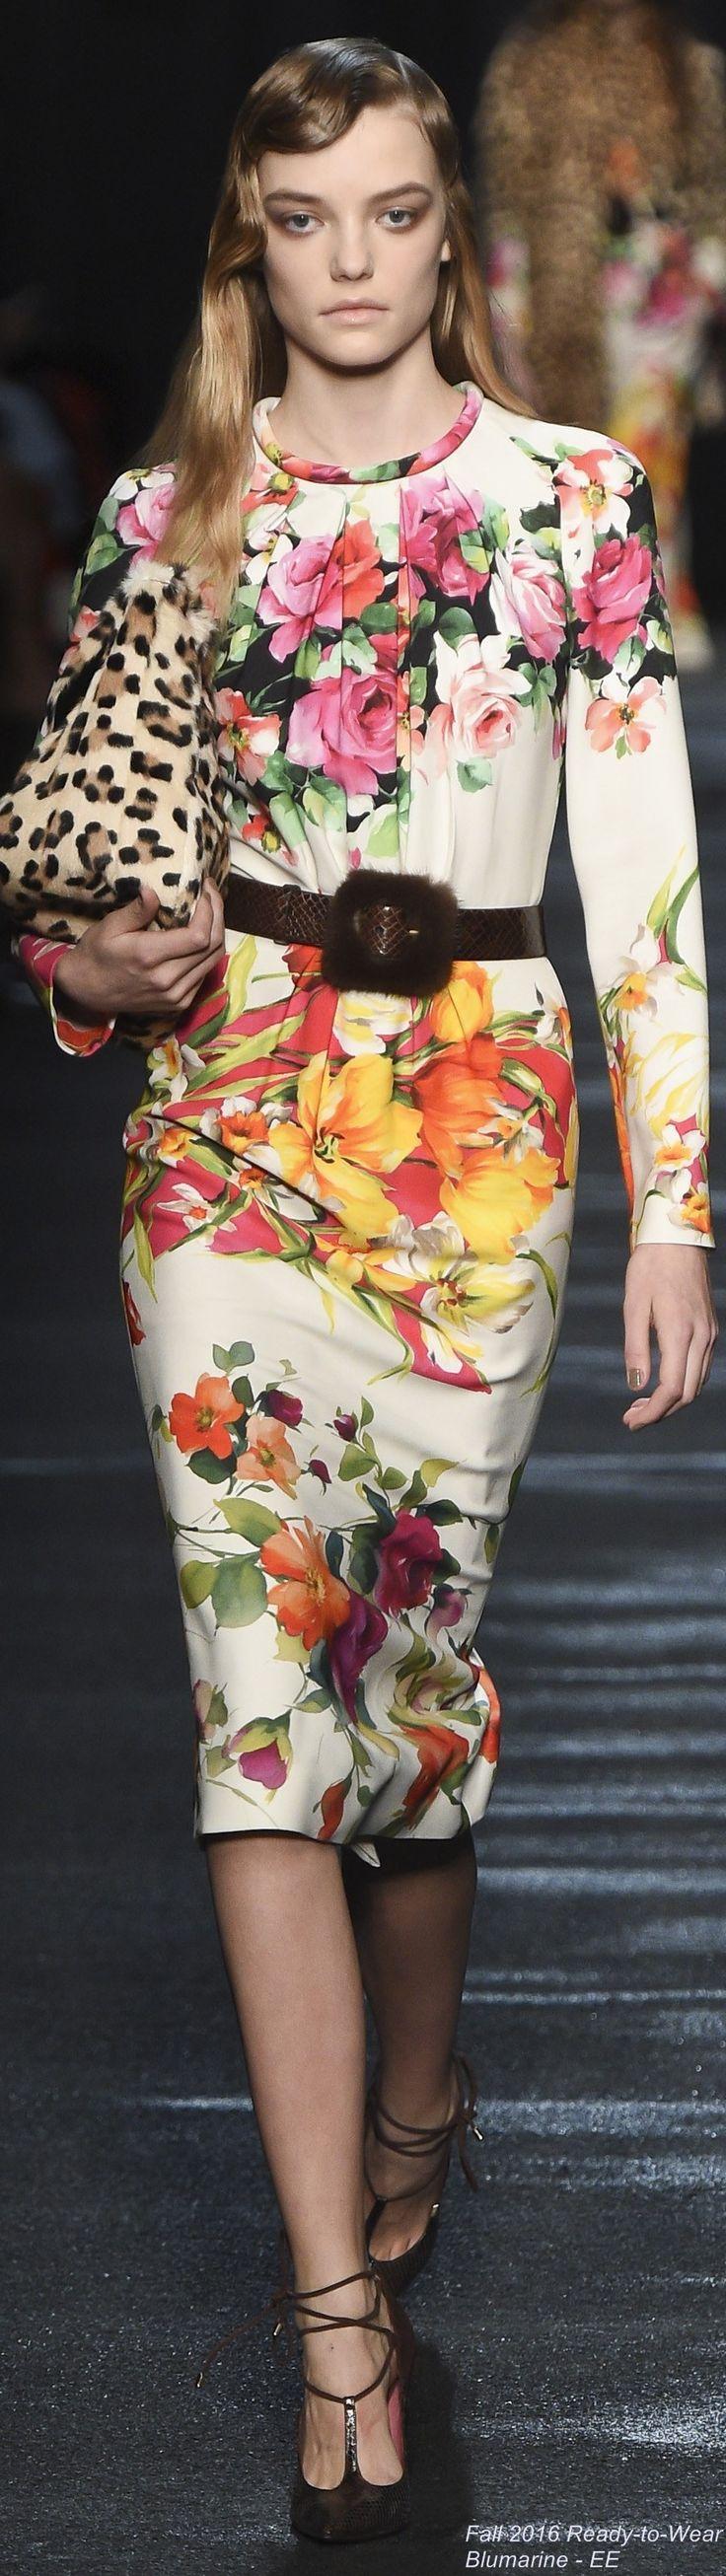 Blumarine F-16 RTW: floral dress, leopard bag.